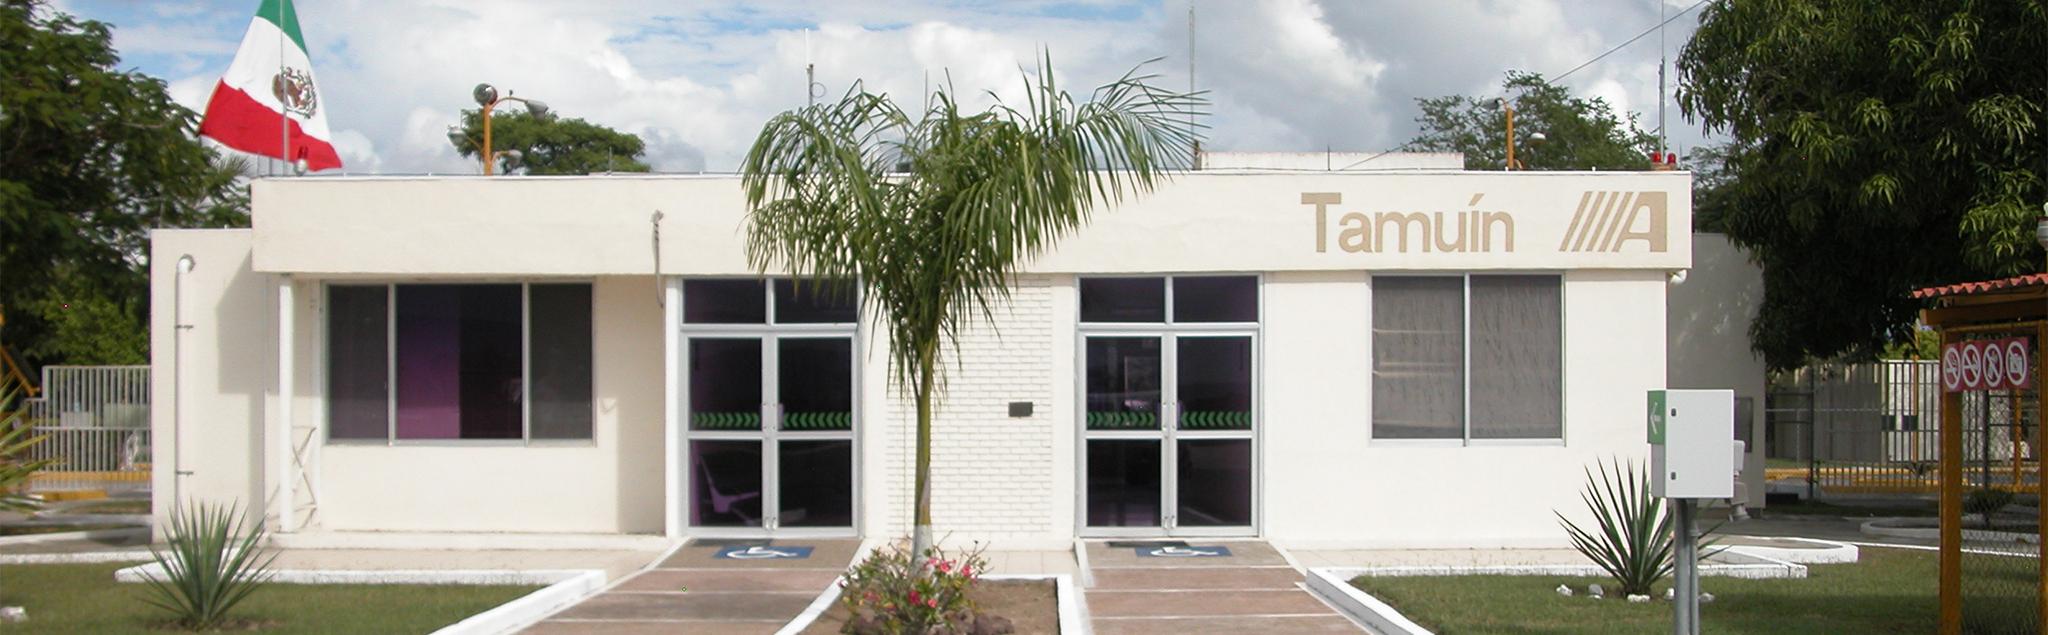 SCT y el Gobierno de San Luis Potosí firman convenio para la ampliación y modernización del aeropuerto de Tamuín